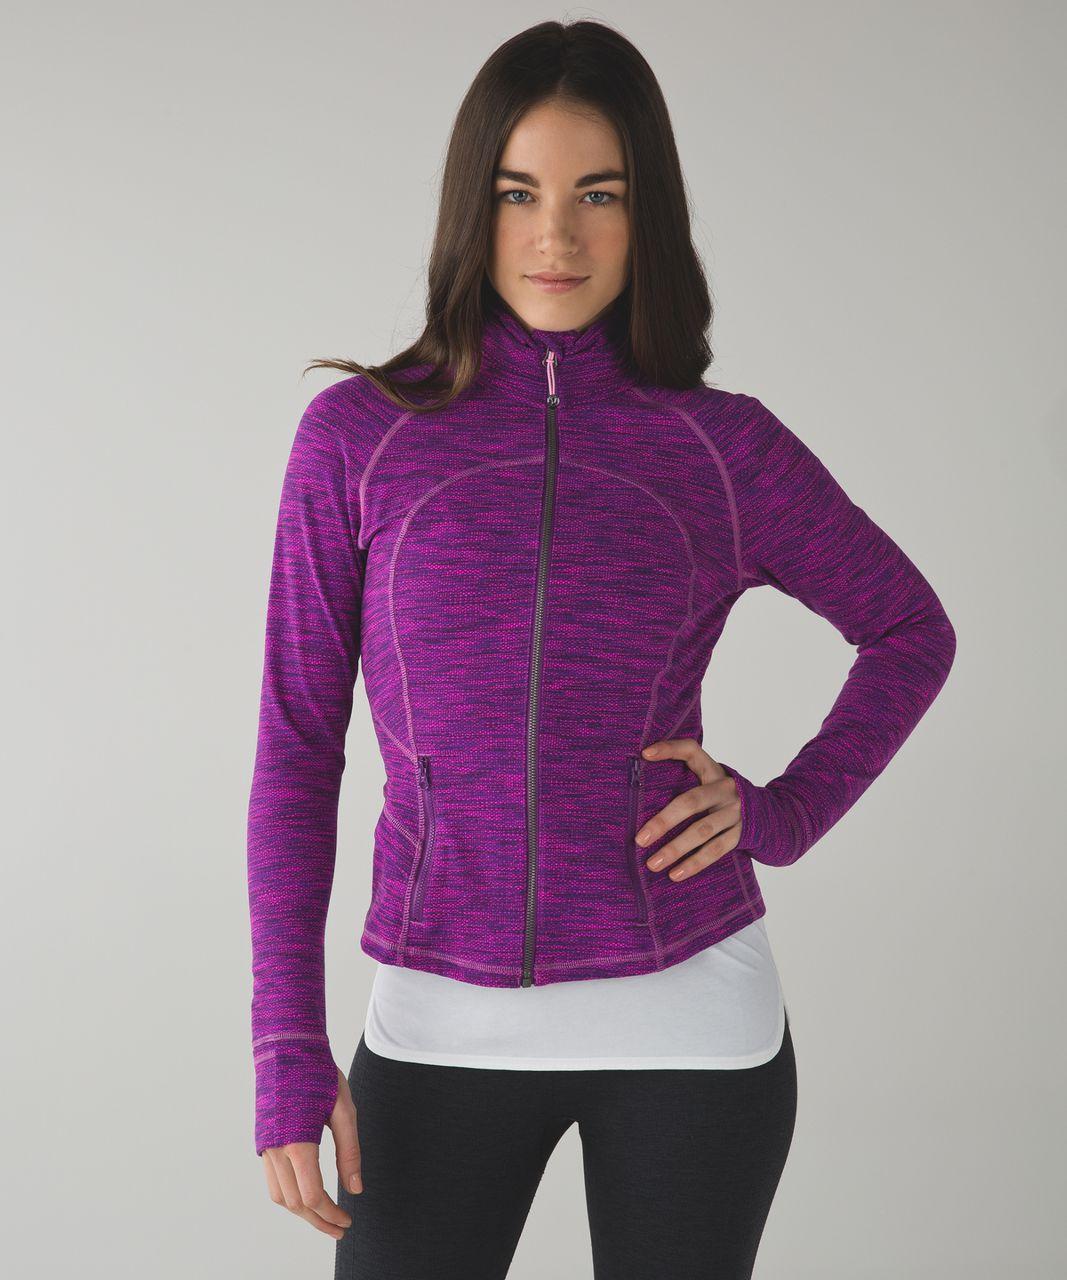 01ed6d550c Lululemon Hustle In Your Bustle Jacket - Diamond Jacquard Space Dye Tender  Violet Raspberry Glo Light